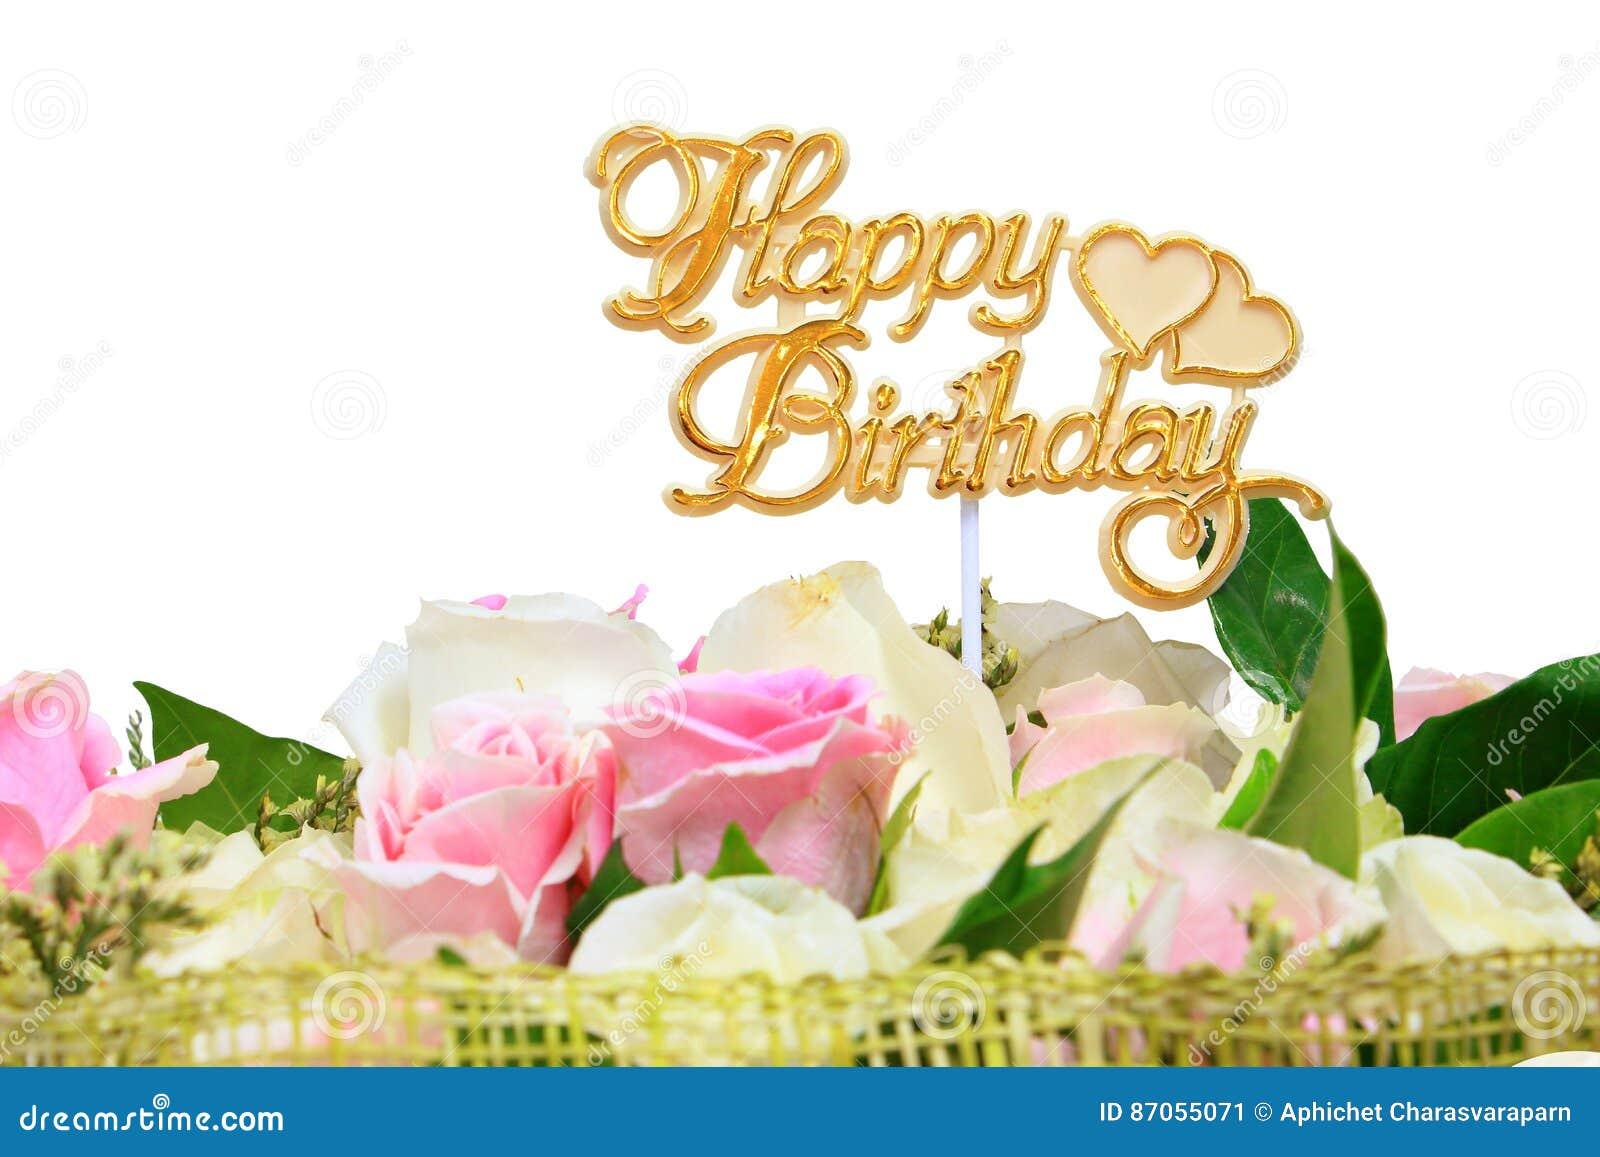 Buon Compleanno Mazzo Dei Fiori Di Rosa Immagine Stock Immagine